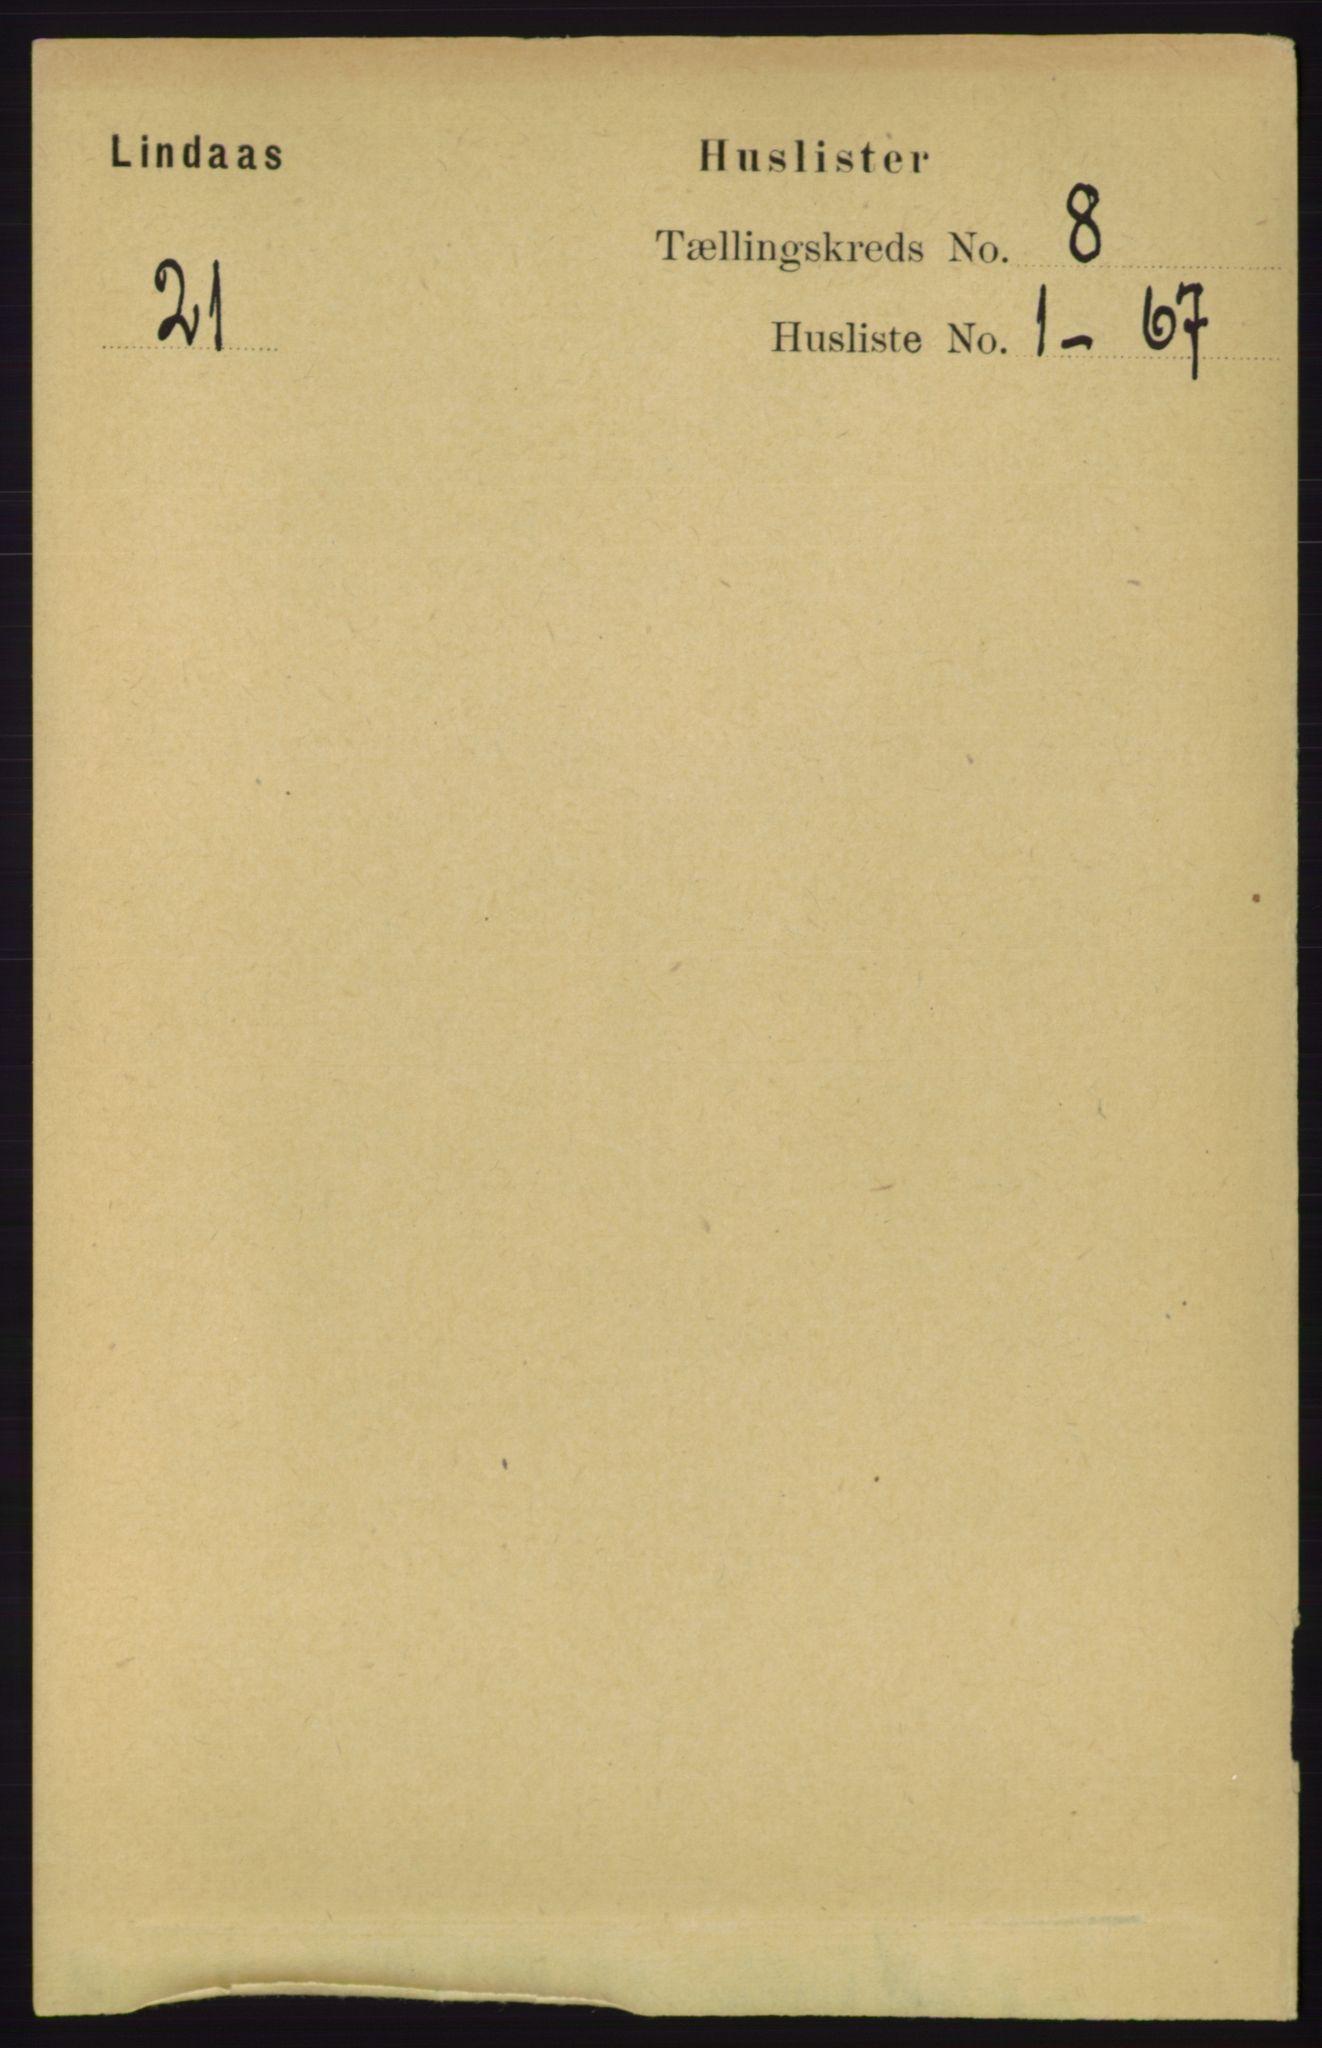 RA, Folketelling 1891 for 1263 Lindås herred, 1891, s. 2352